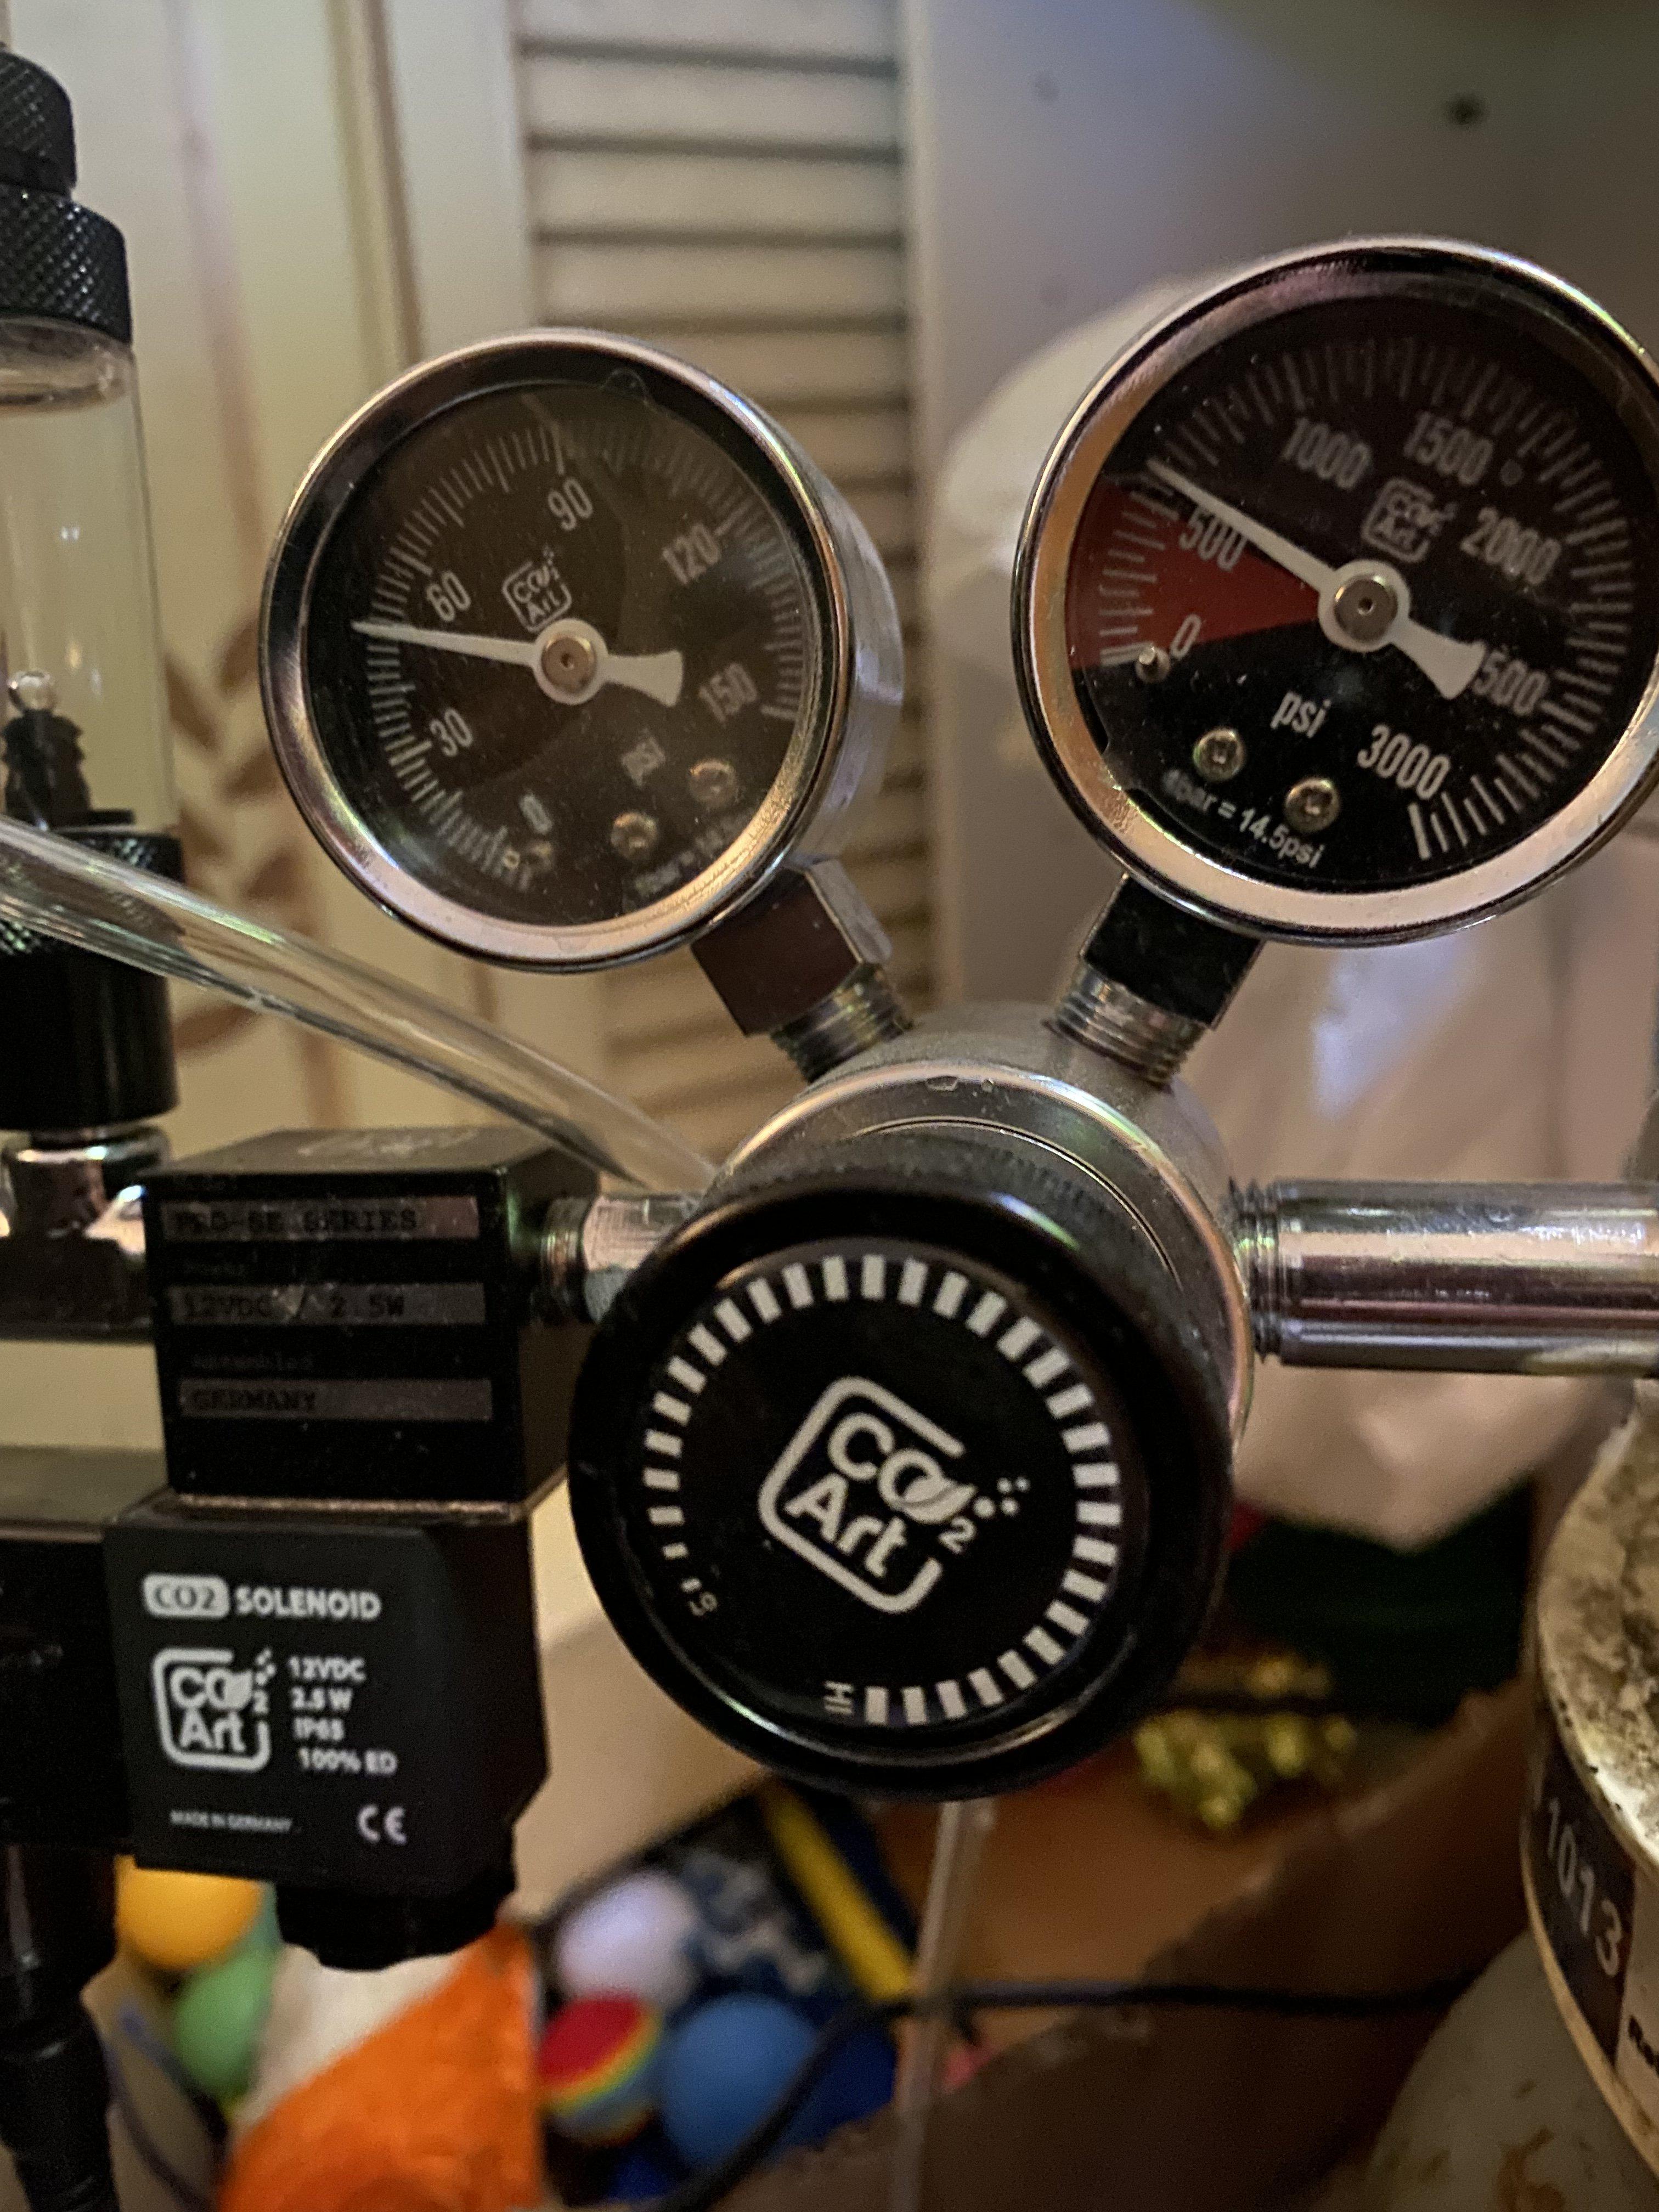 12BB182C-BF77-40DB-A401-AF6B7FAED898.jpeg